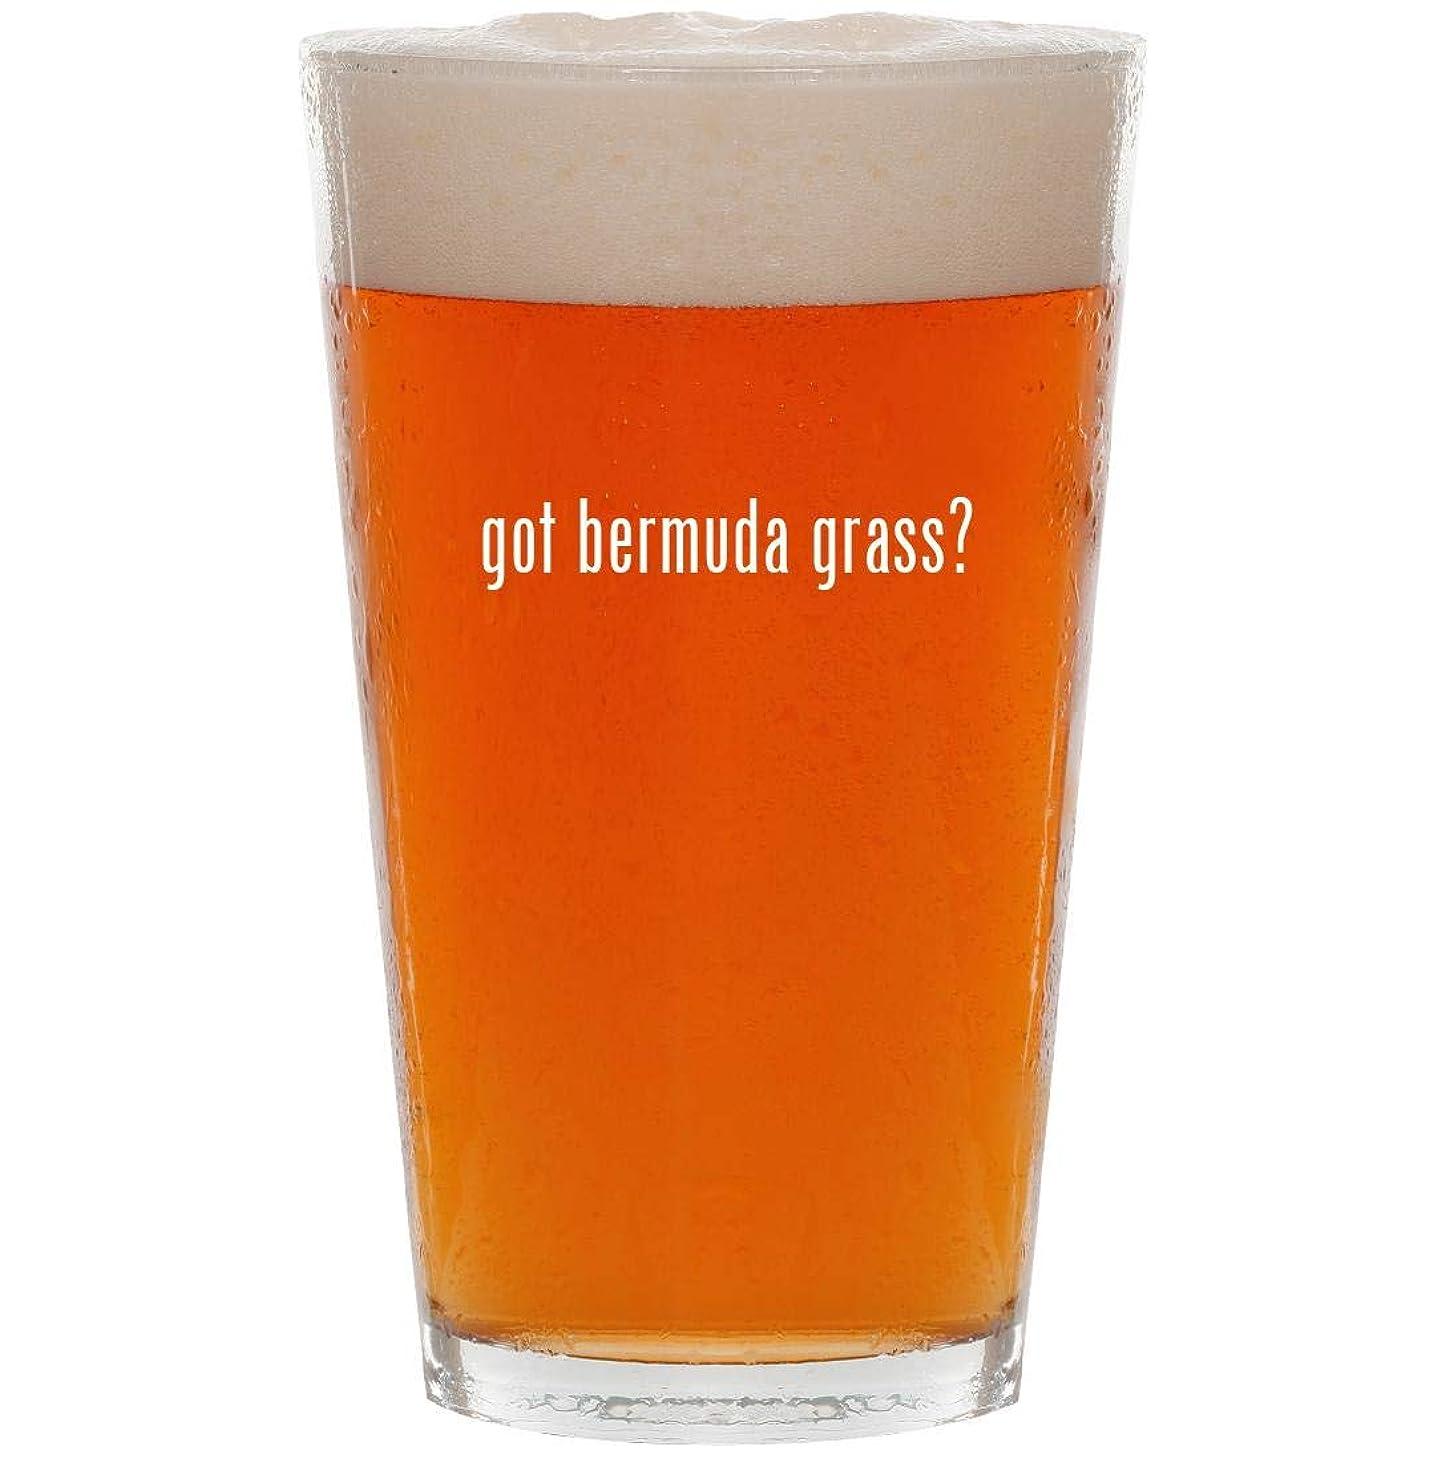 got bermuda grass? - 16oz All Purpose Pint Beer Glass